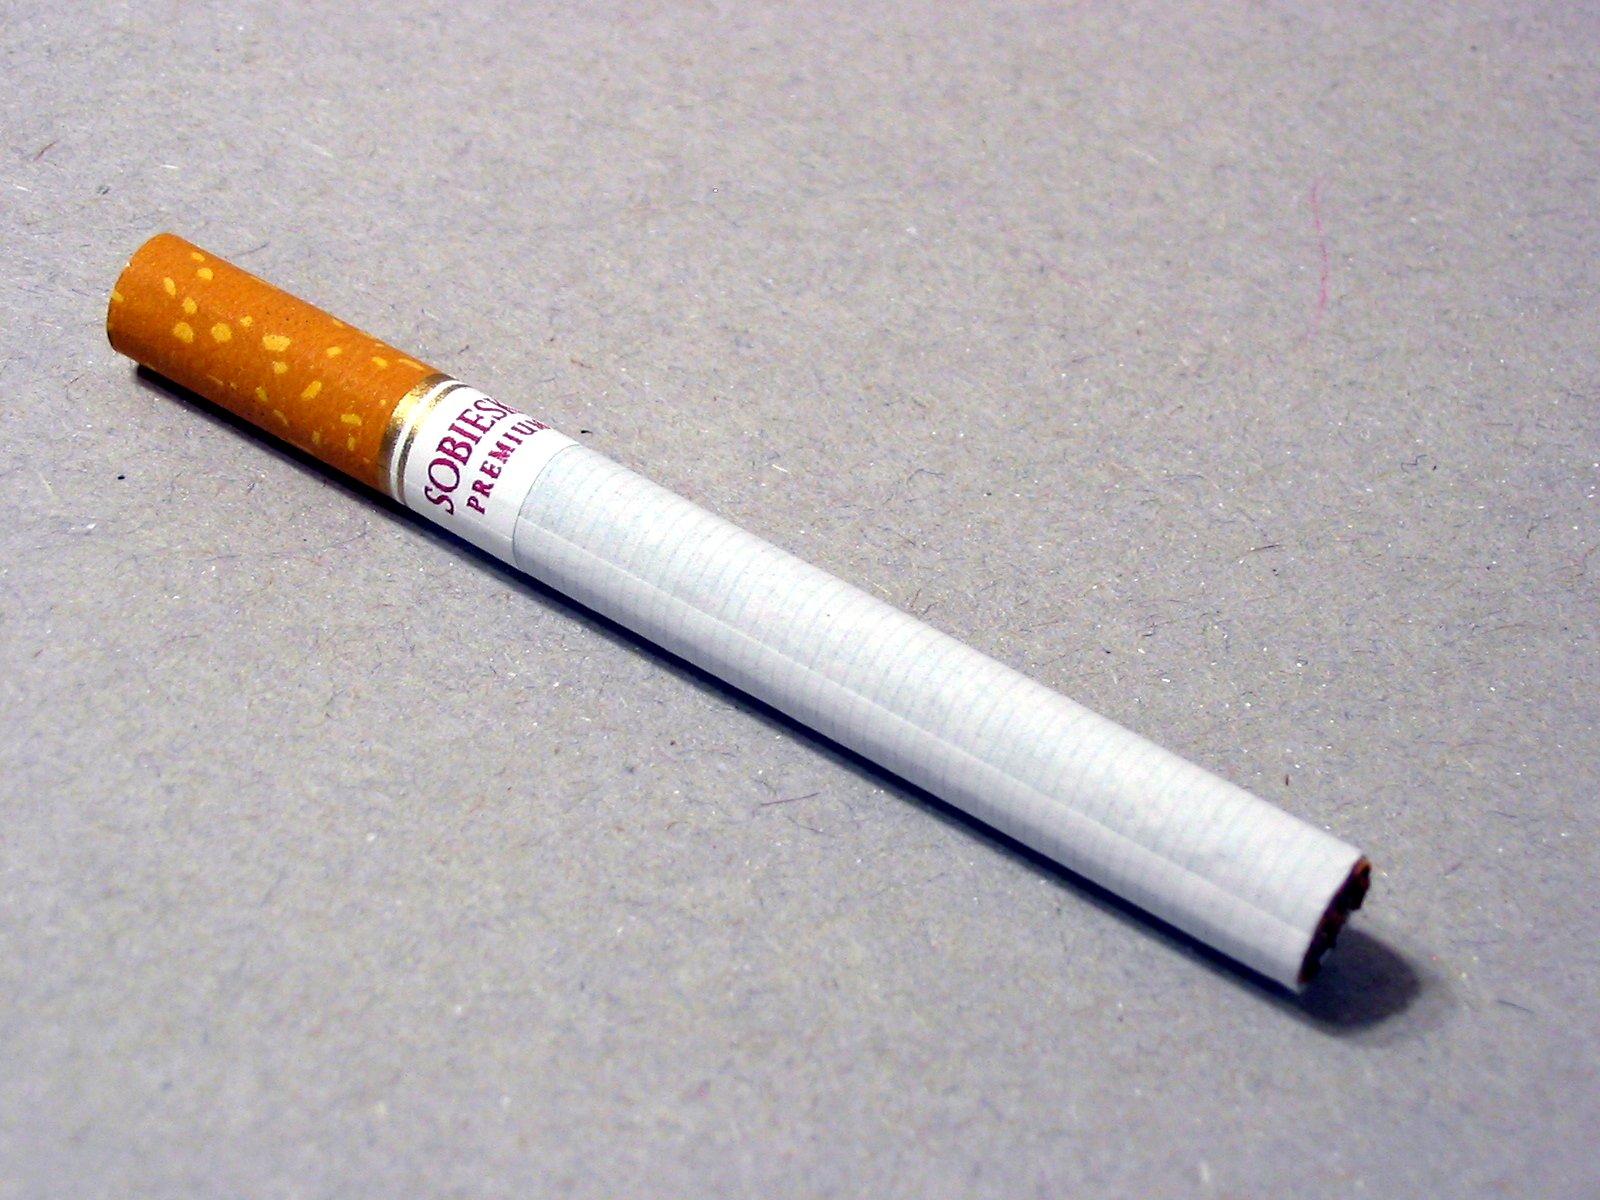 Smoking and stroking